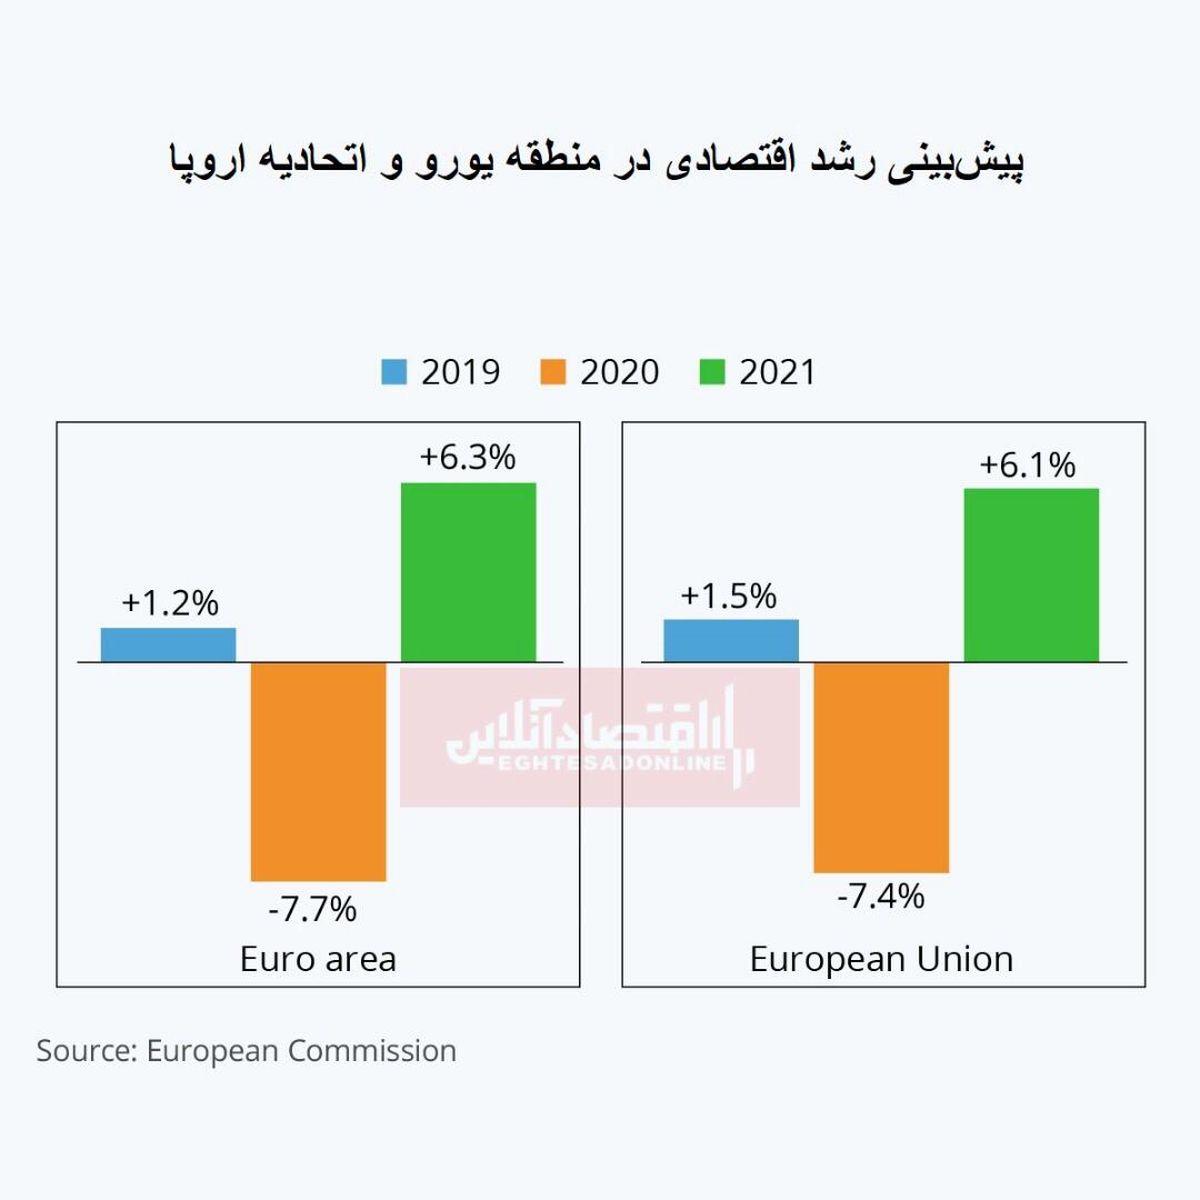 ویروس کرونا، اروپا را با رکود اقتصادی تاریخی مواجه کرد/ تولید ناخالص داخلی اروپا چقدر خواهد بود؟